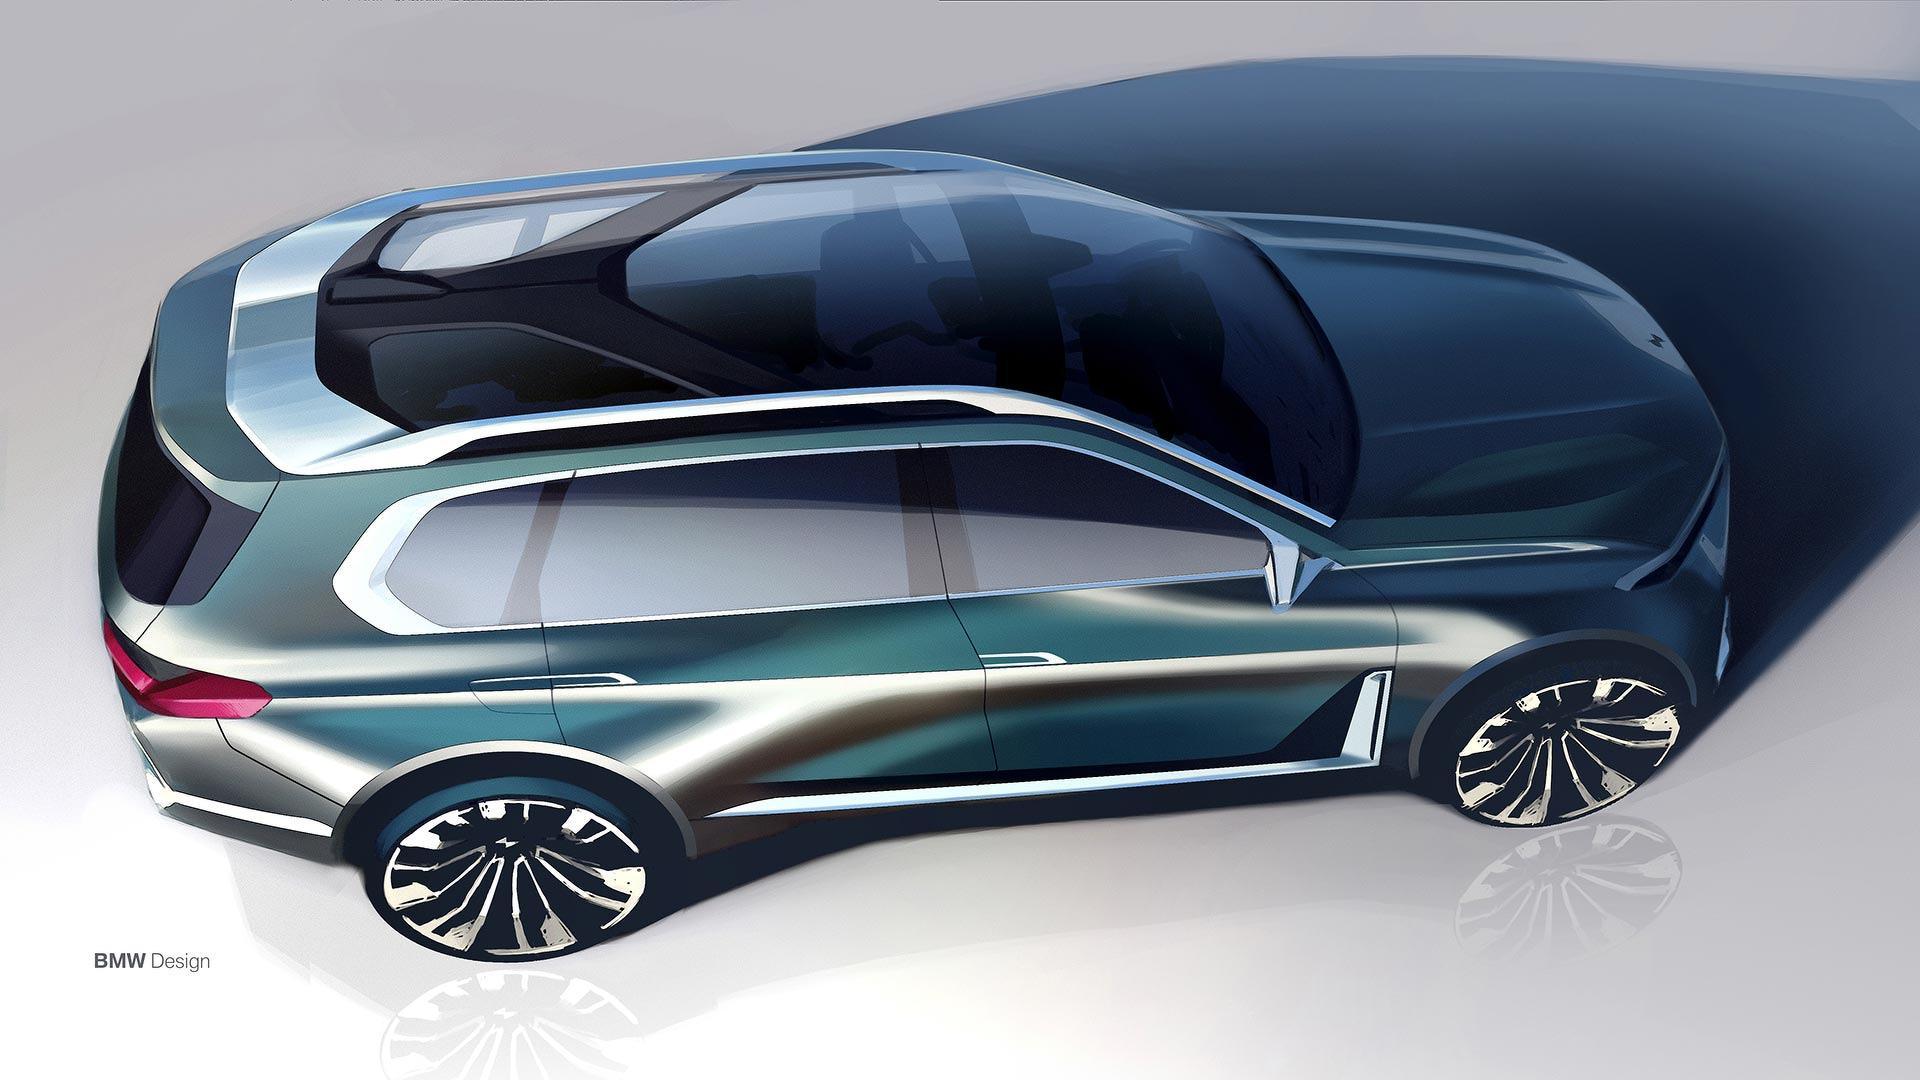 X8 će biti najskuplji SUV sa BMW značkom